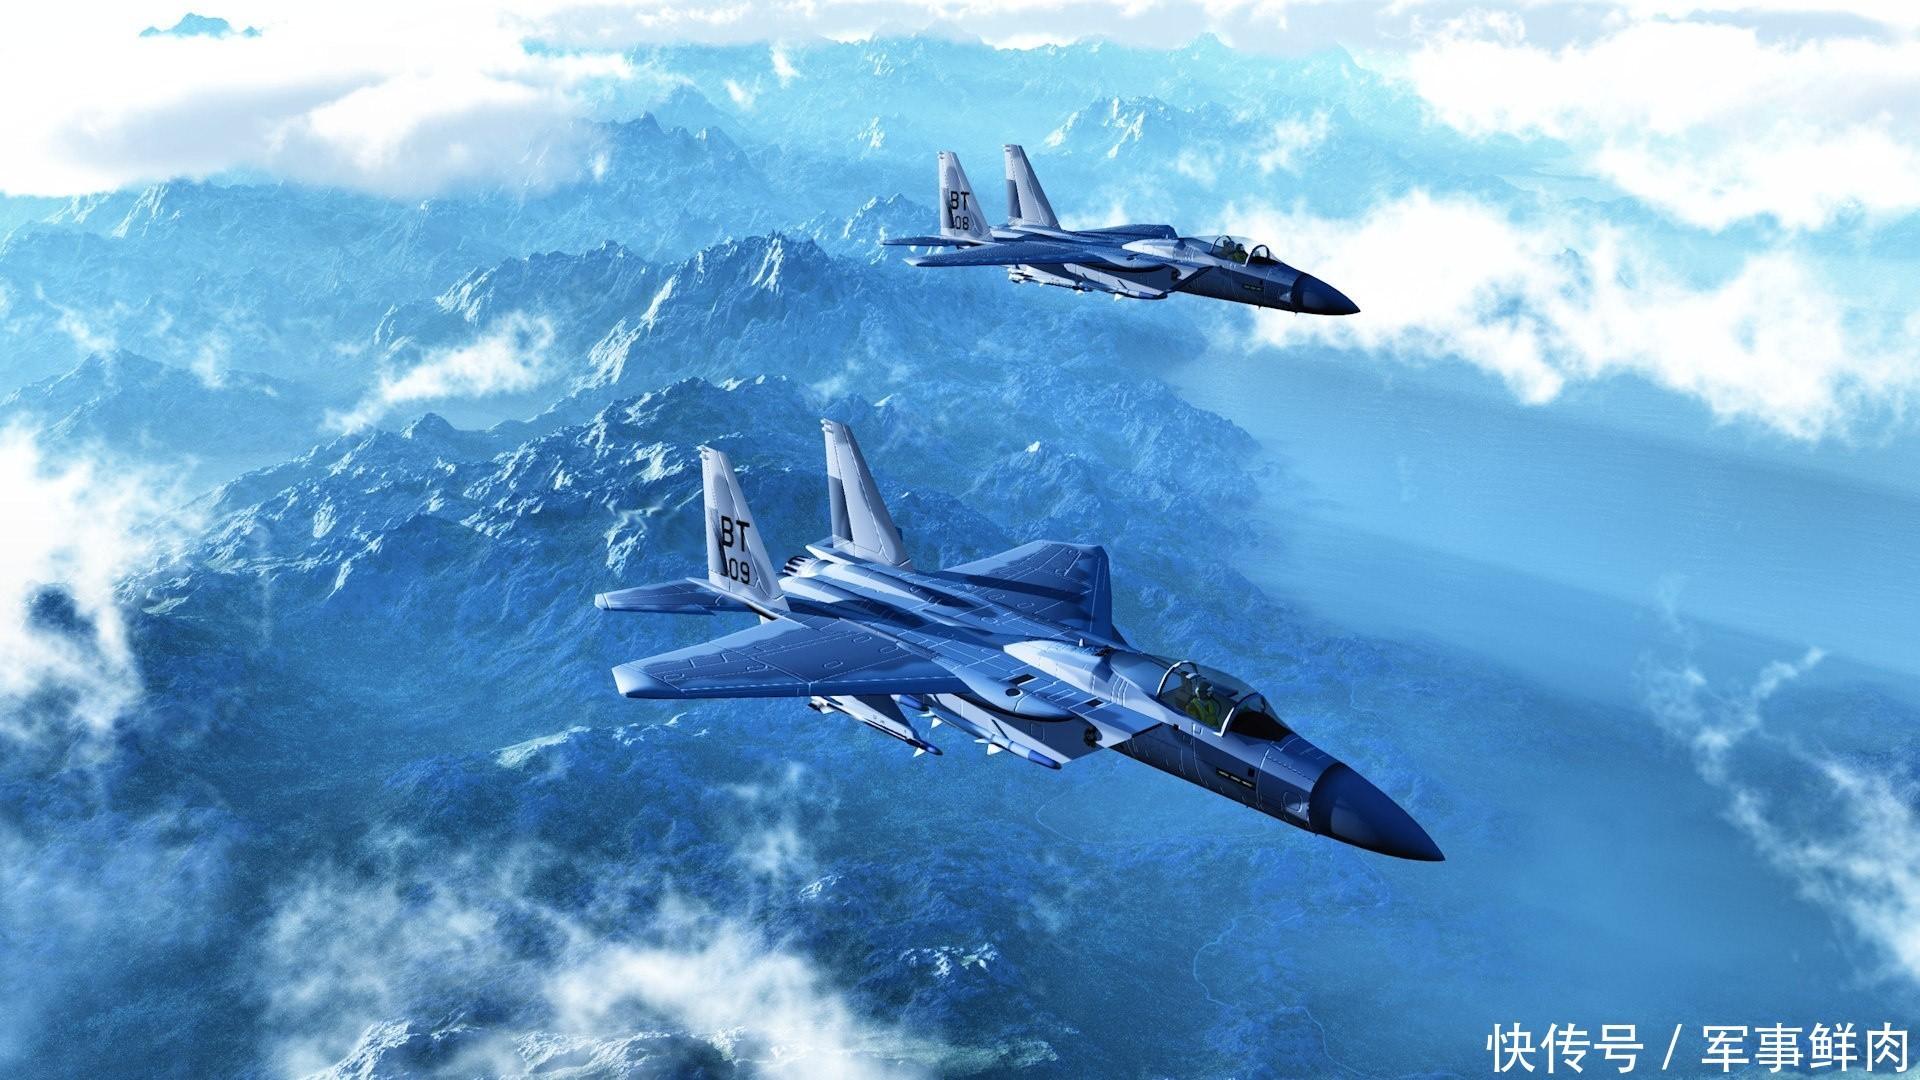 歼十飞机飞行图片素材